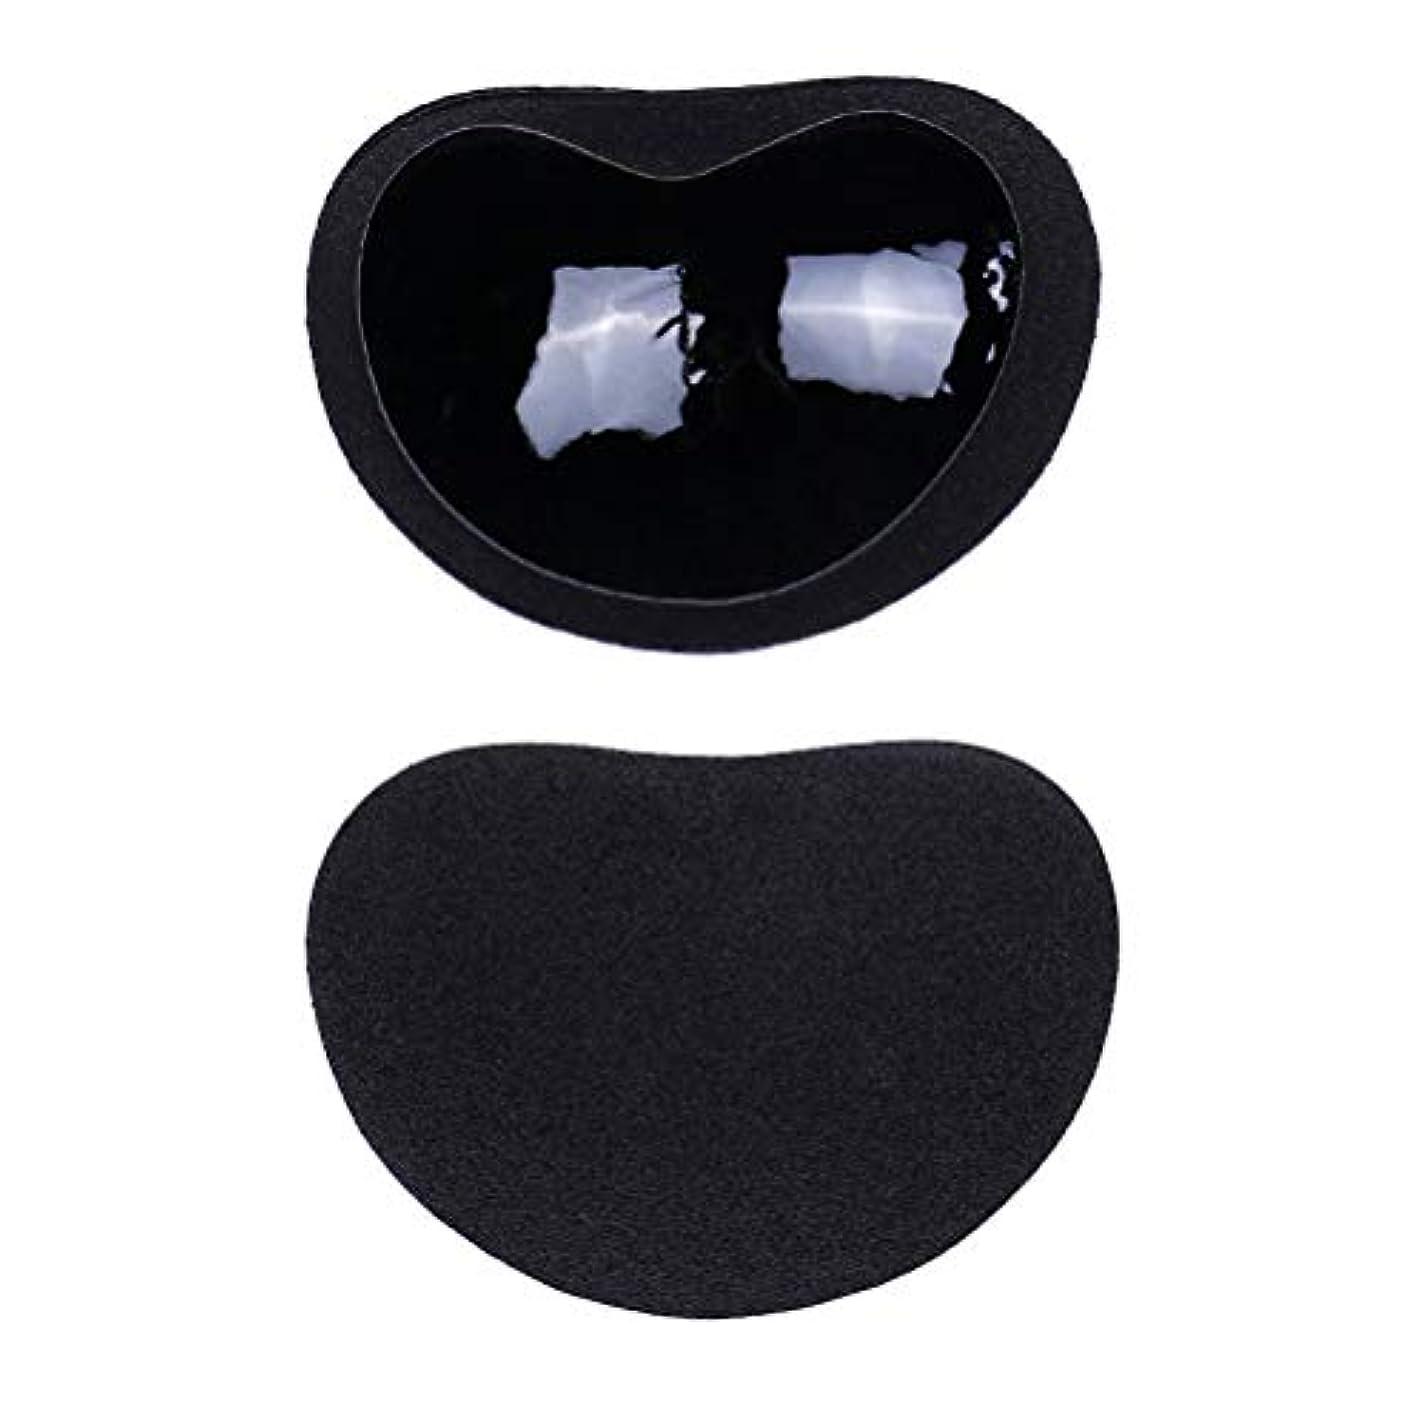 司書フルーティー親指Healifty ニップルカバー1ペアストラップレス粘着性のある粘着性のあるブラのシリコーンのニップルは見えないブラニップルのコンシーラーのパティをカバーします(黒)